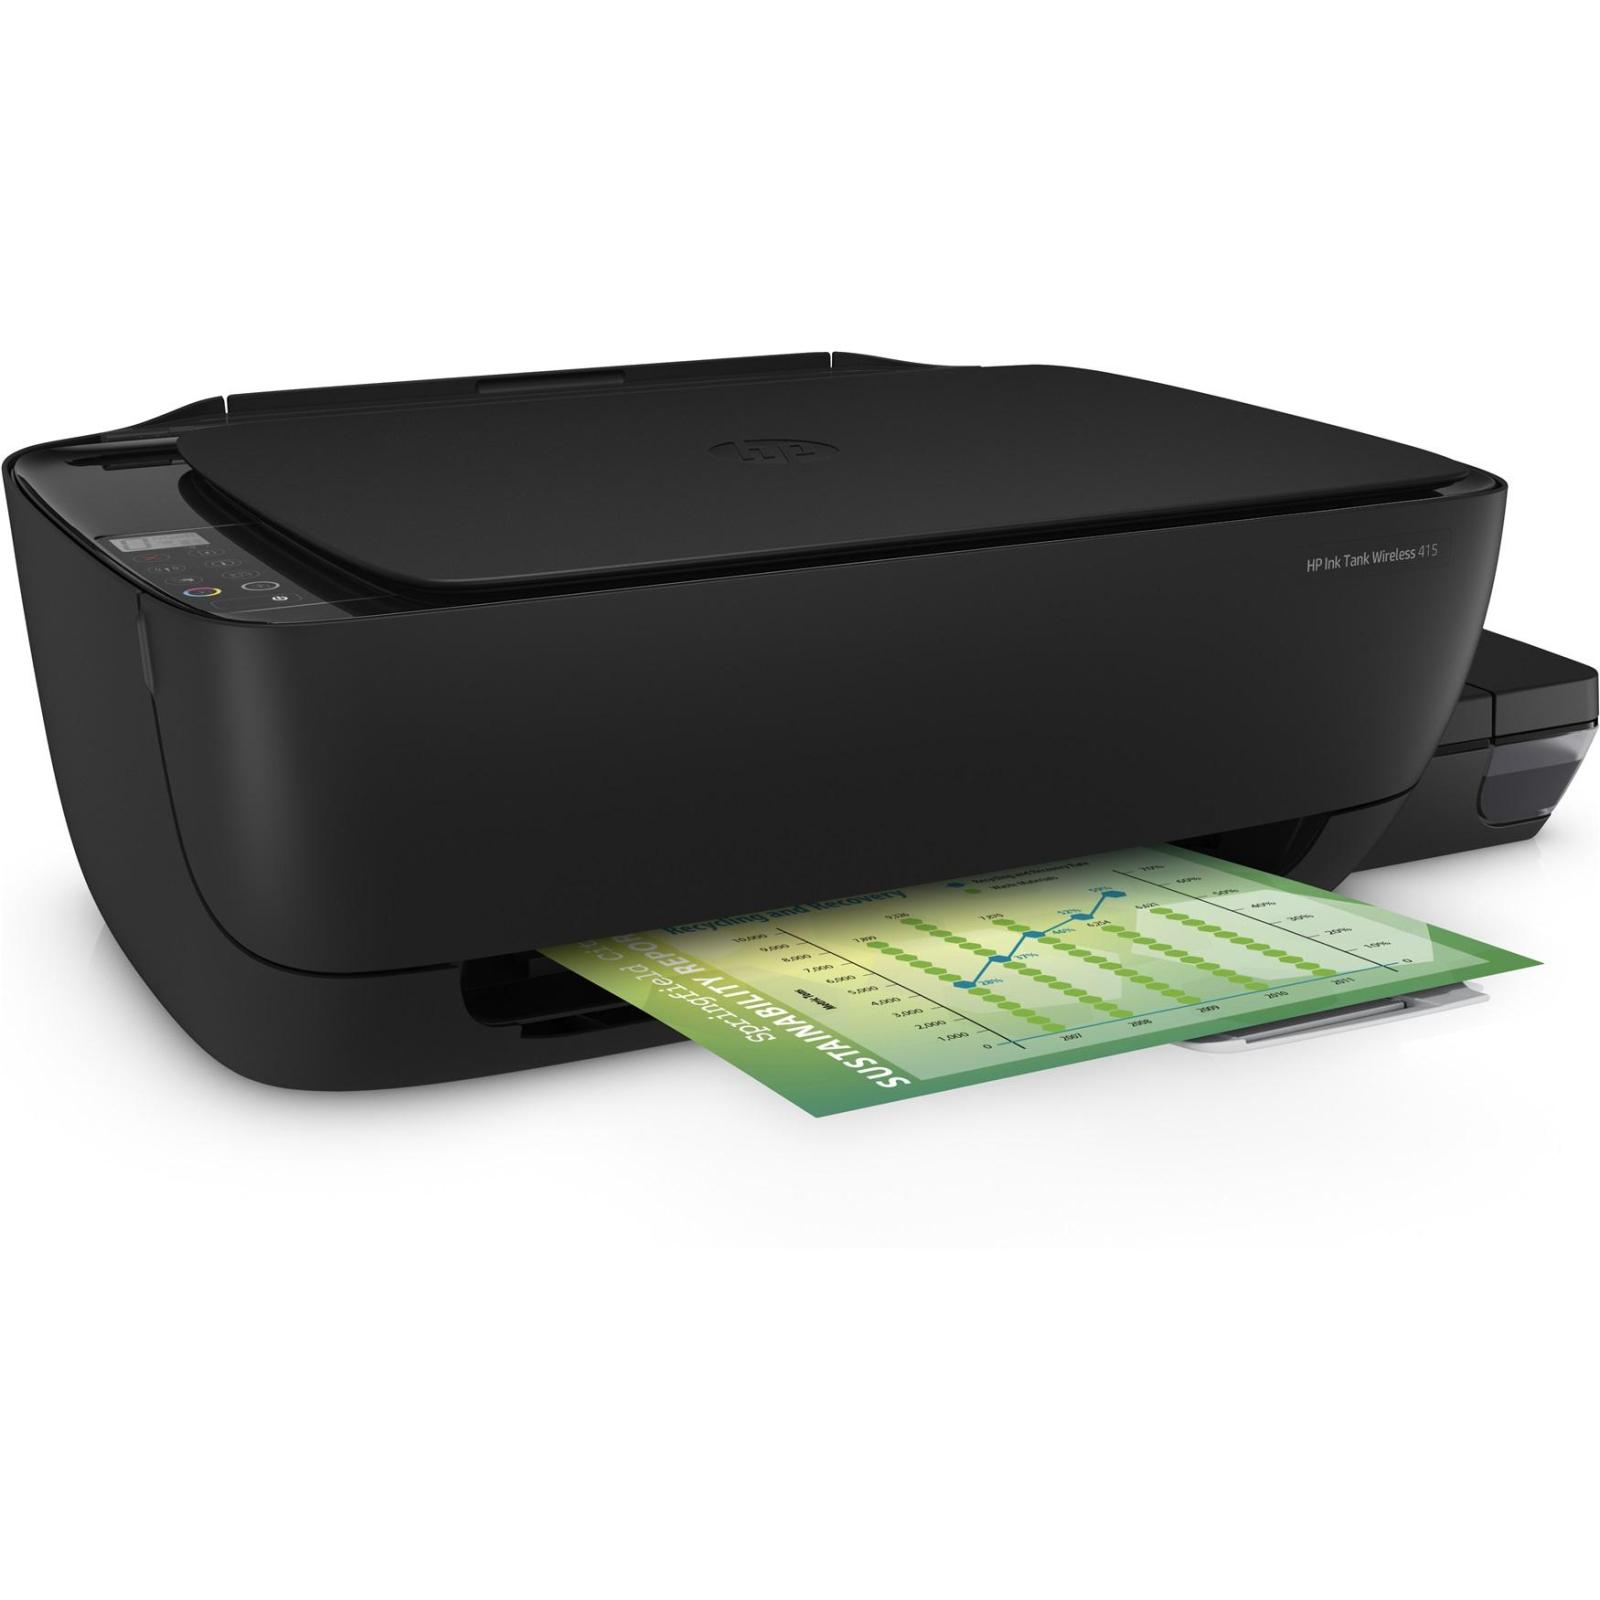 Многофункциональное устройство HP Ink Tank 415 c Wi-Fi (Z4B53A) изображение 3